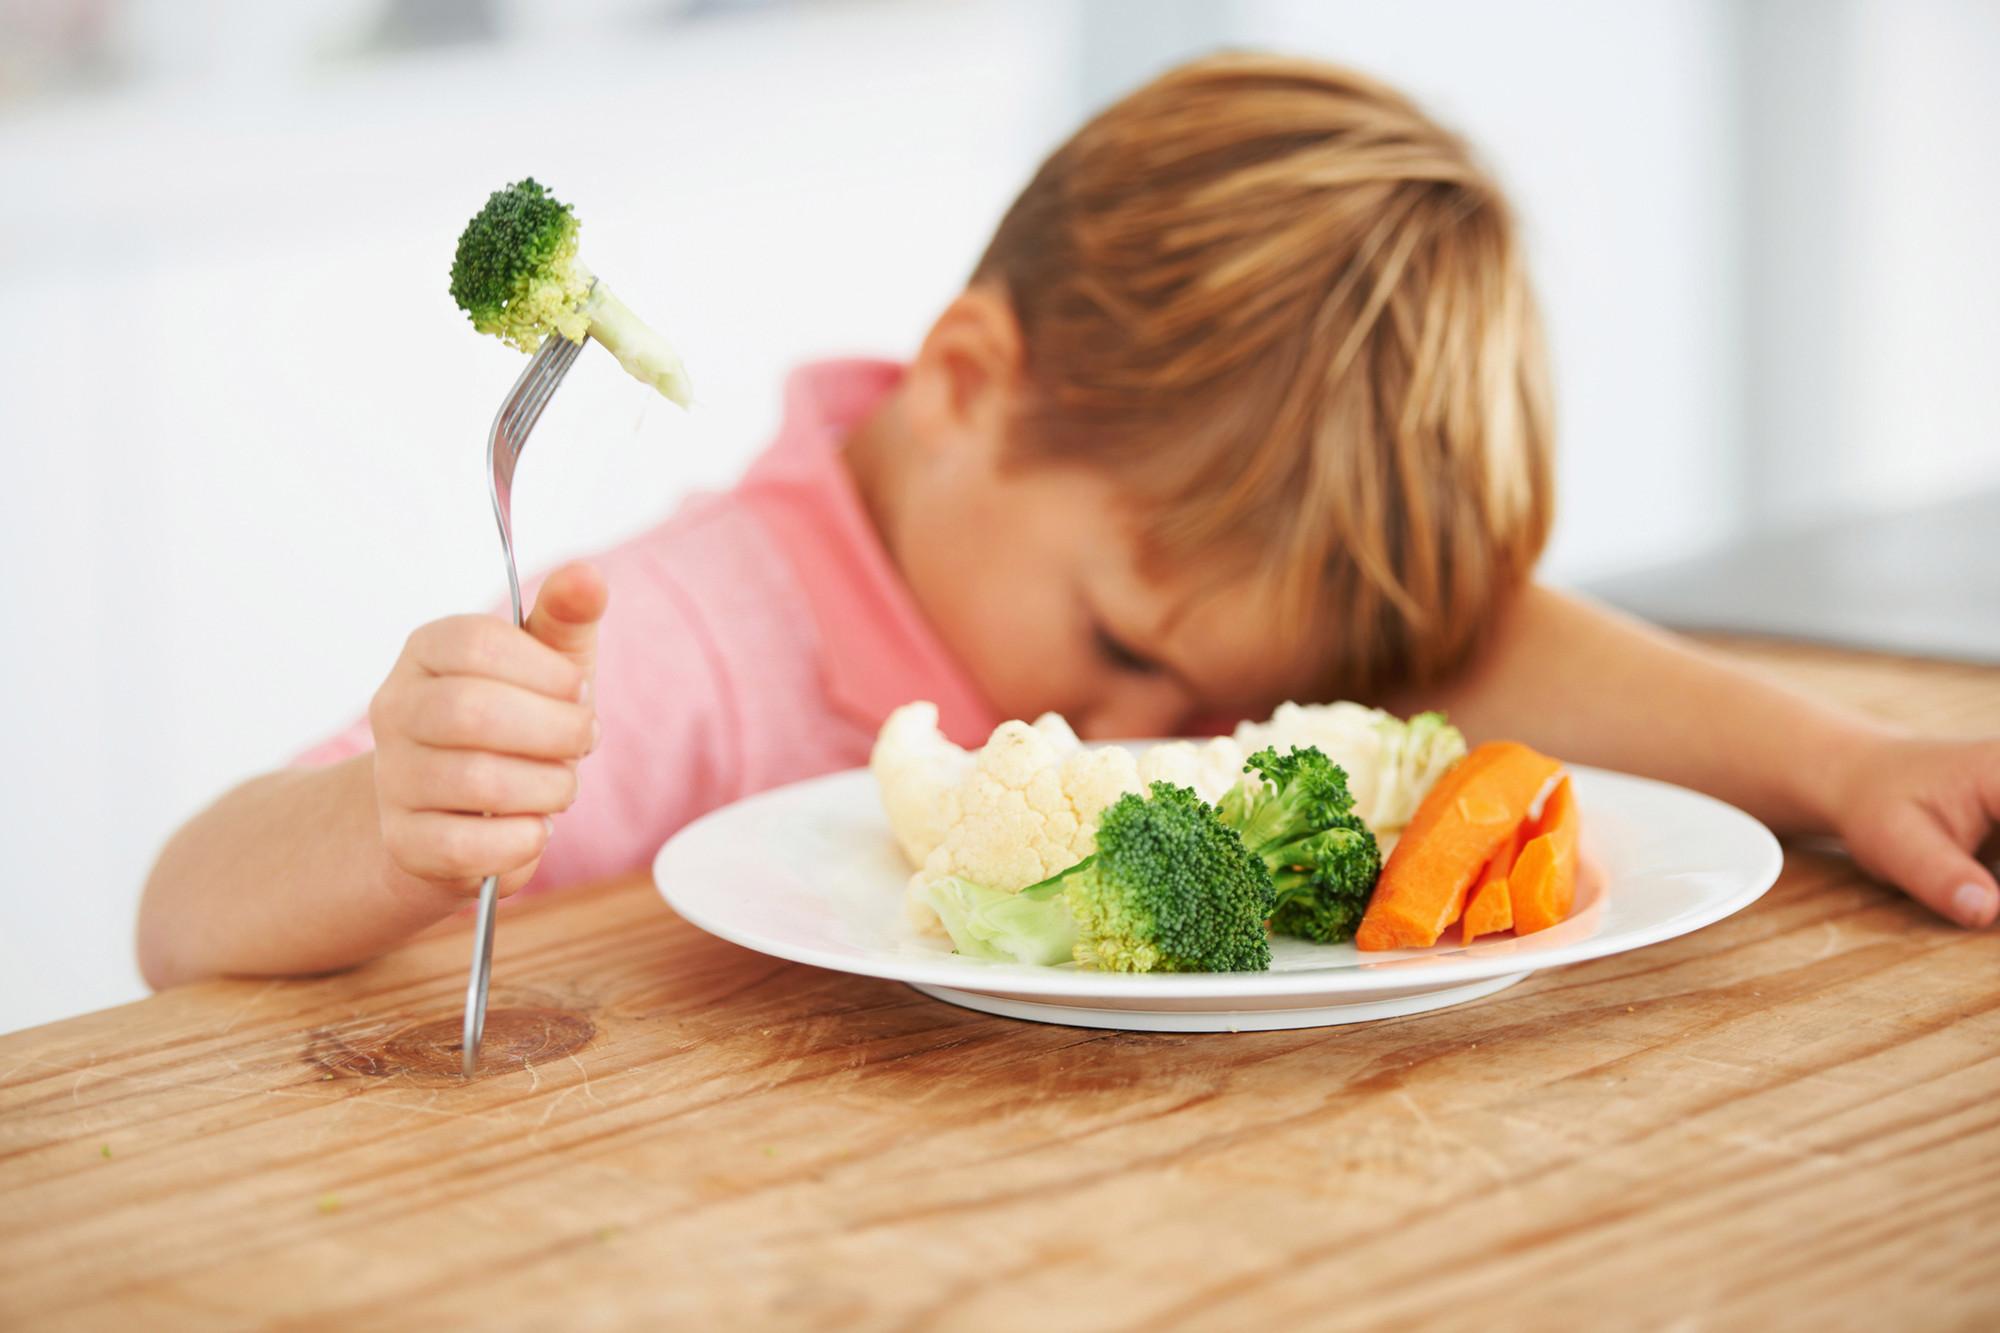 Топ 10 вредных продуктов для детей, от которых следует отказаться